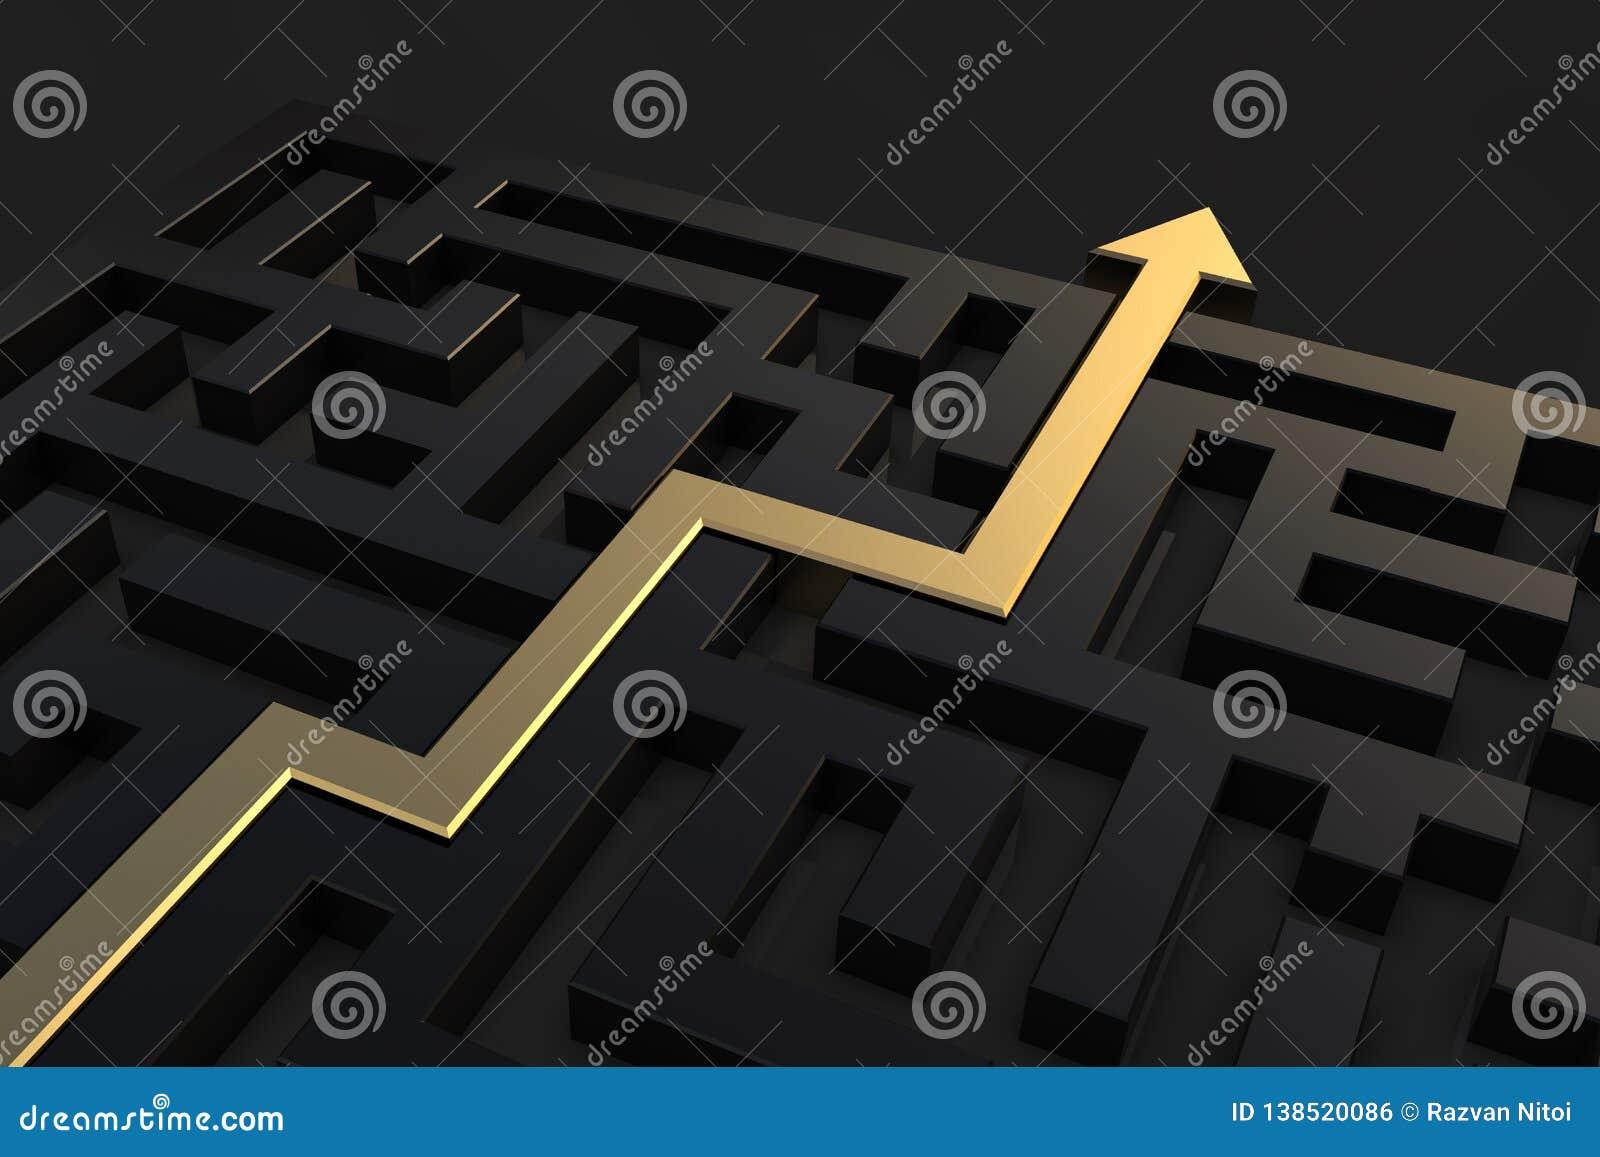 Złota ścieżka pokazuje sposób z labiryntu